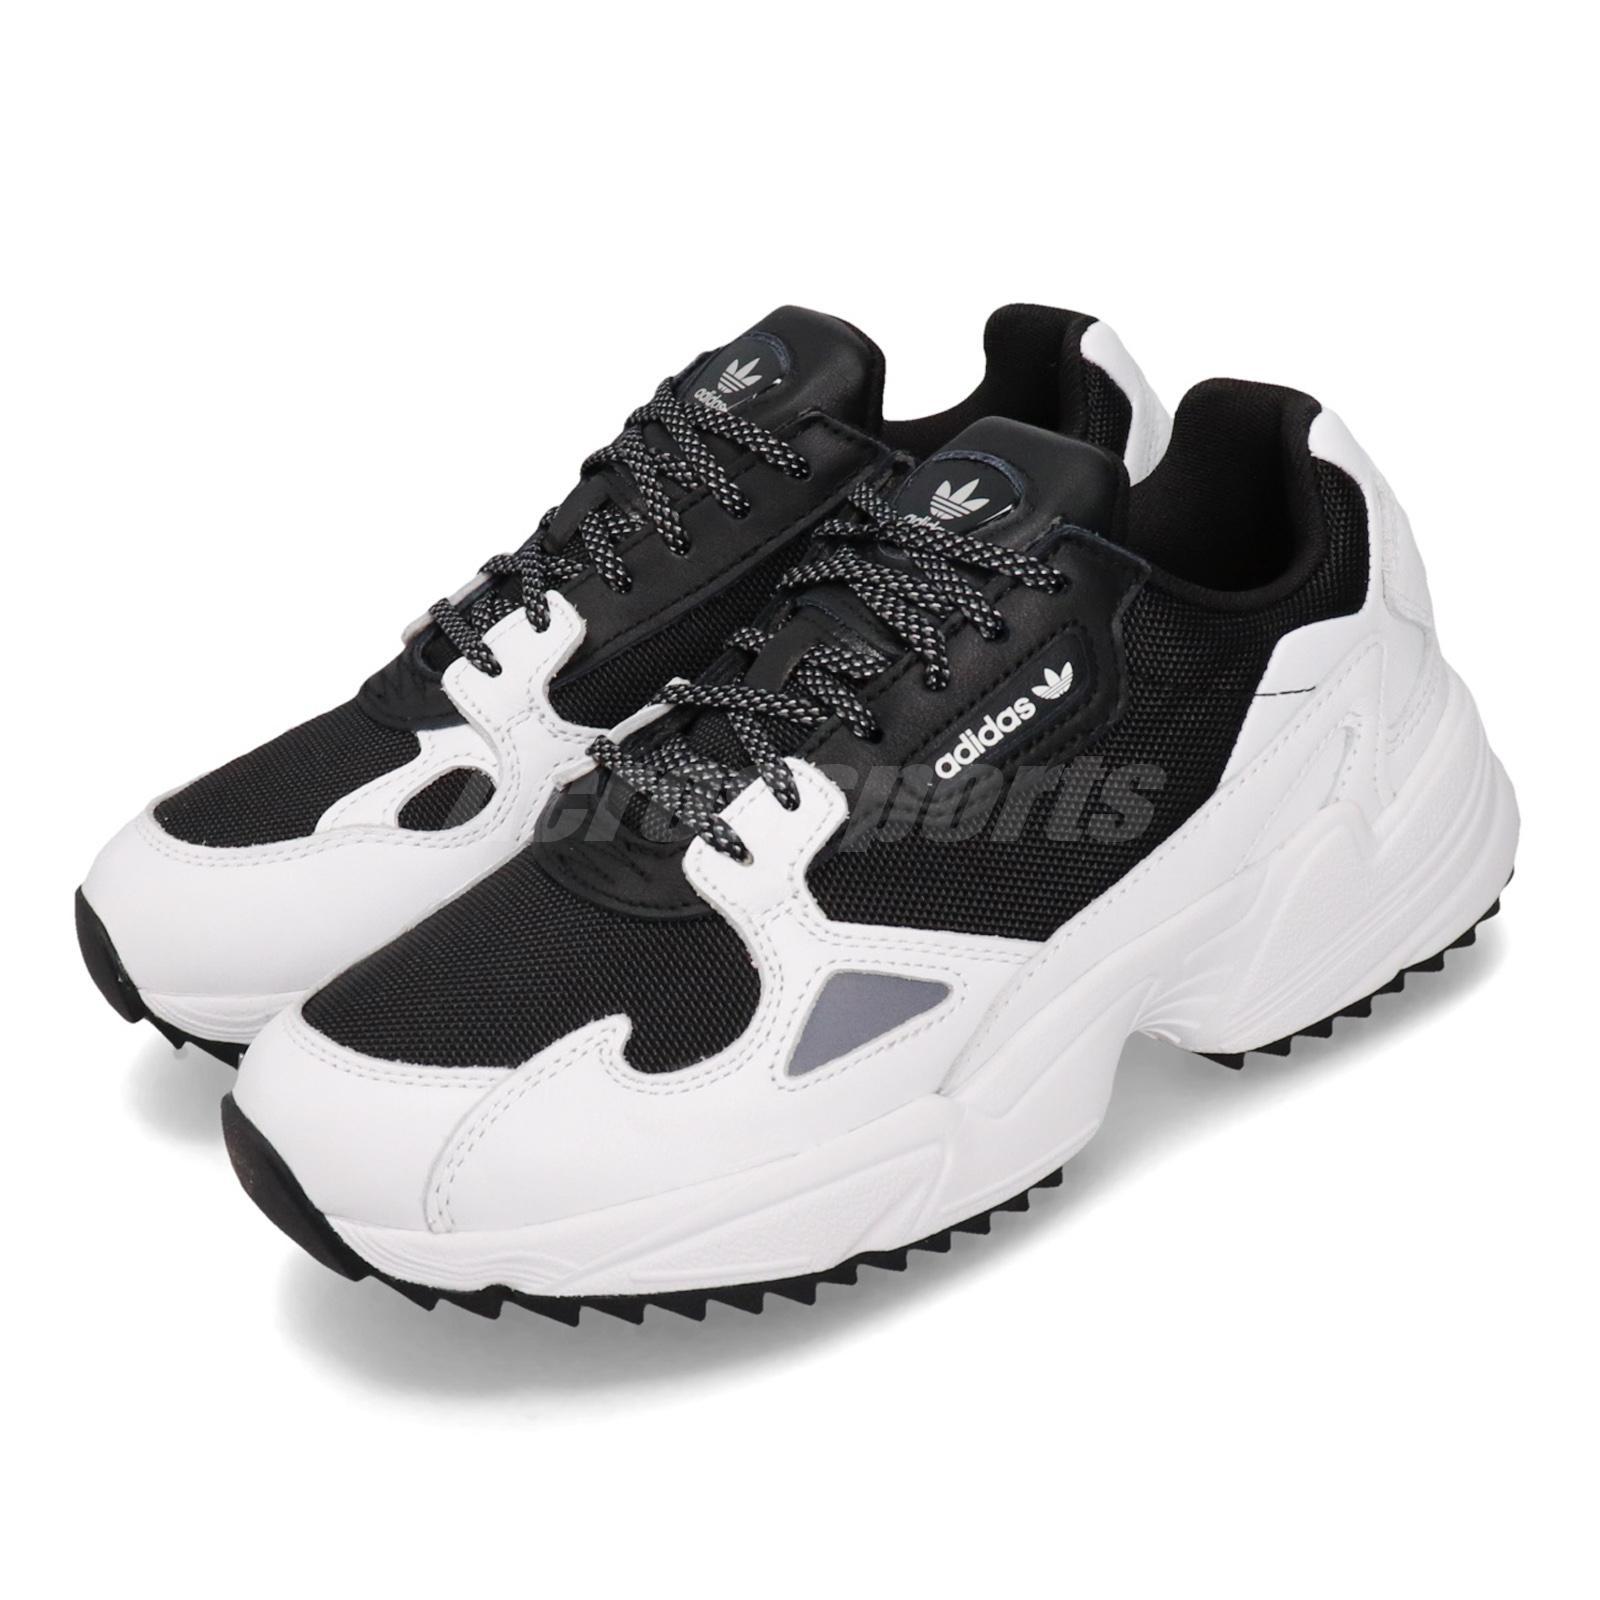 Arqueológico roble calificación  adidas Falcon Trail Black White Women Retro Running Shoes Outdoor Sneaker  EF9024 | eBay